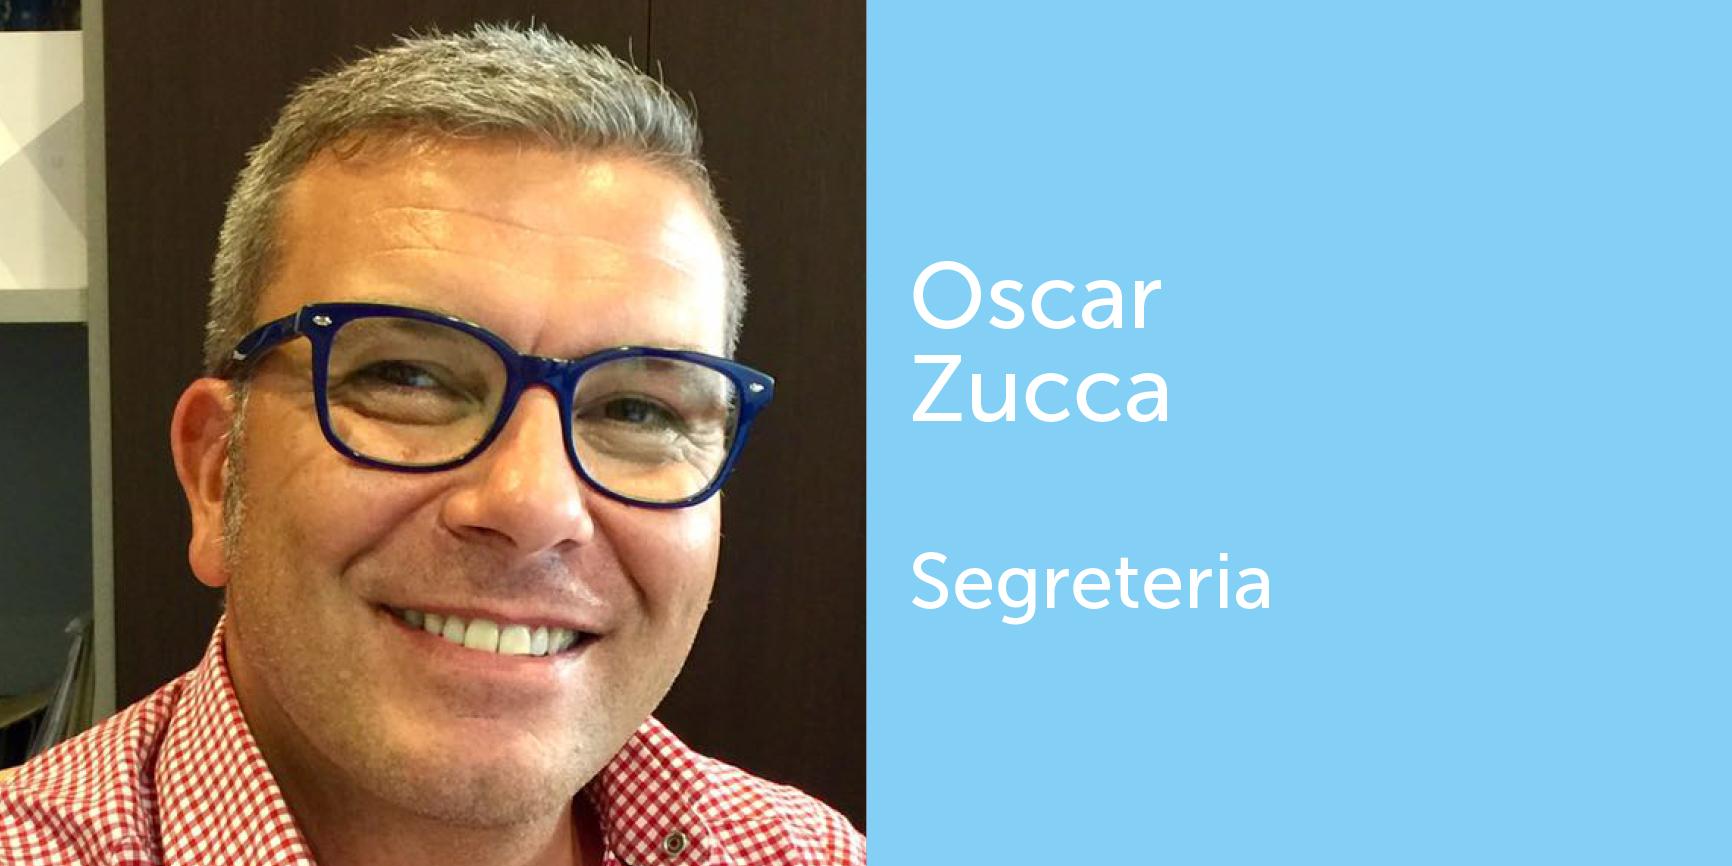 Oscar Zucca - Segreteria